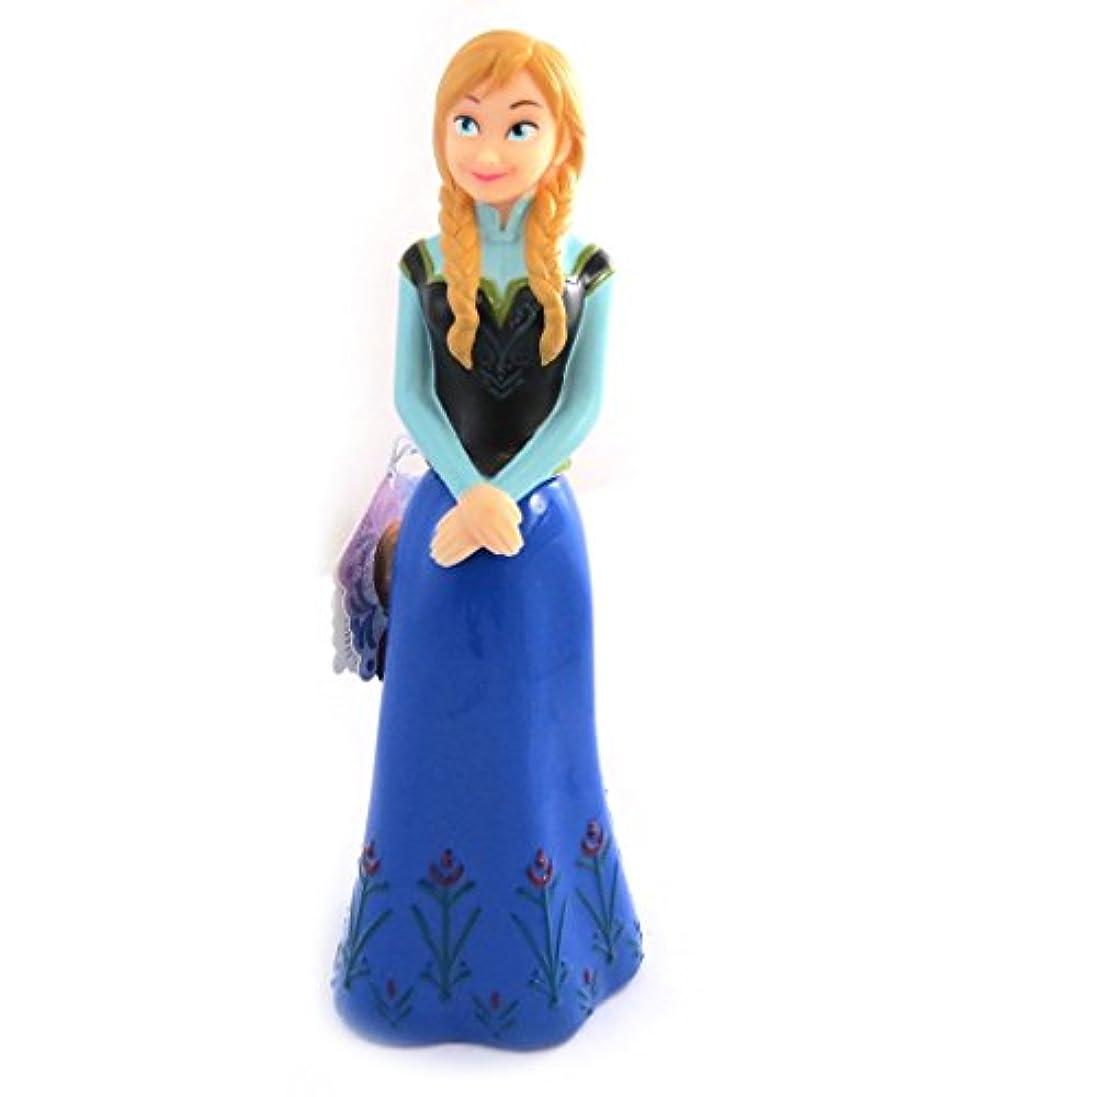 [雪の女王 (Reine des Neiges)] (Frozen - Reine des Neiges コレクション) [M2698] ボディソープ ブルー